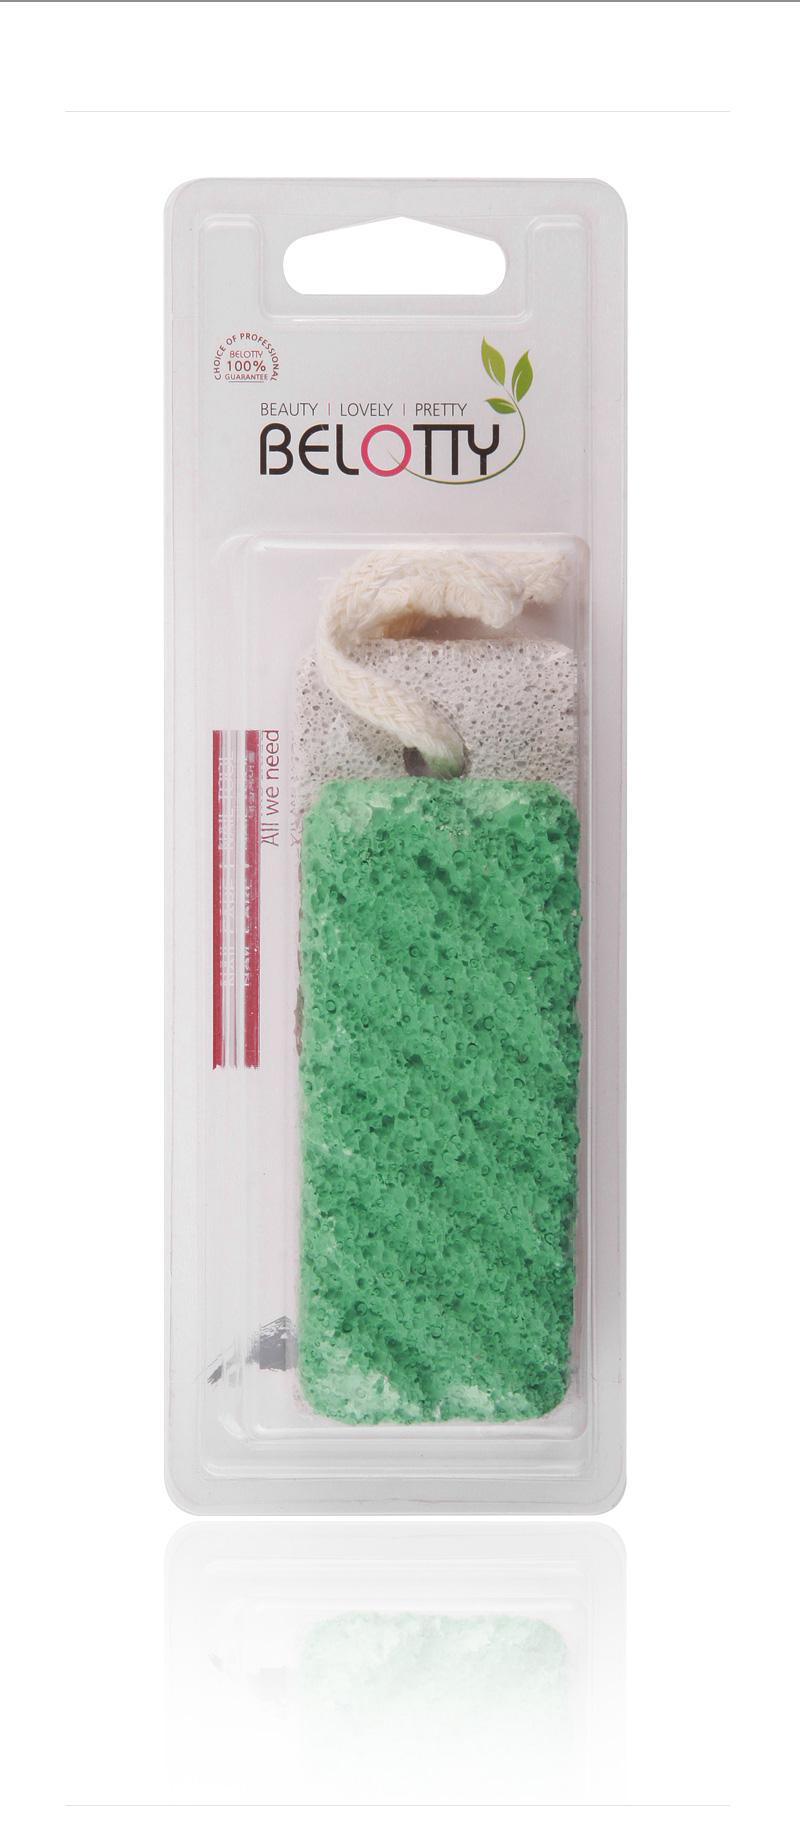 퍼미스 스톤 발각질제거기 발밀이 - 벨로티, 4,900원, 바디케어, 풋케어도구